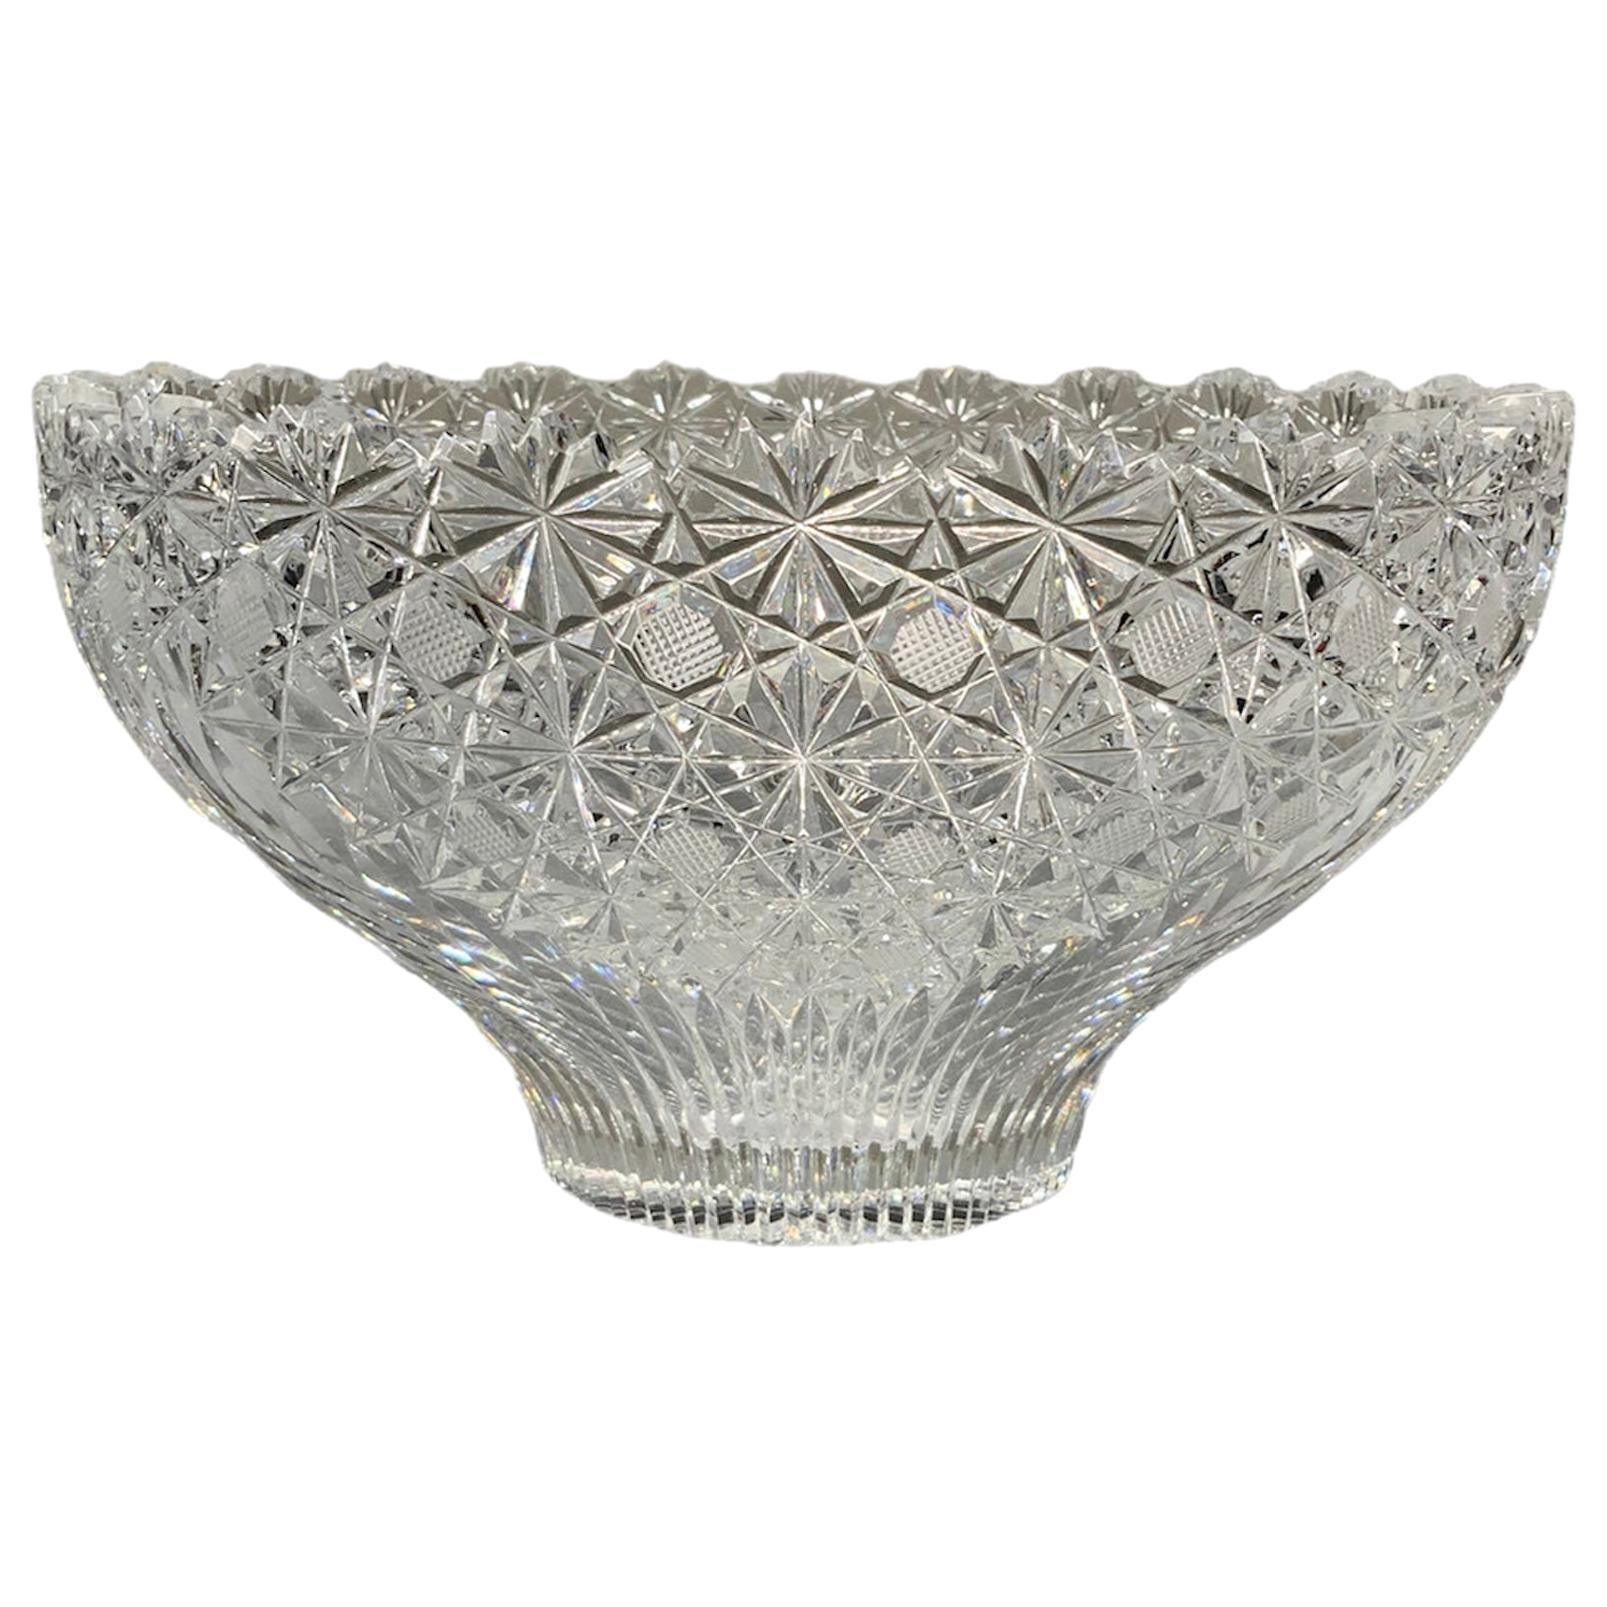 American Brilliant Cut Glass Crystal Bowl